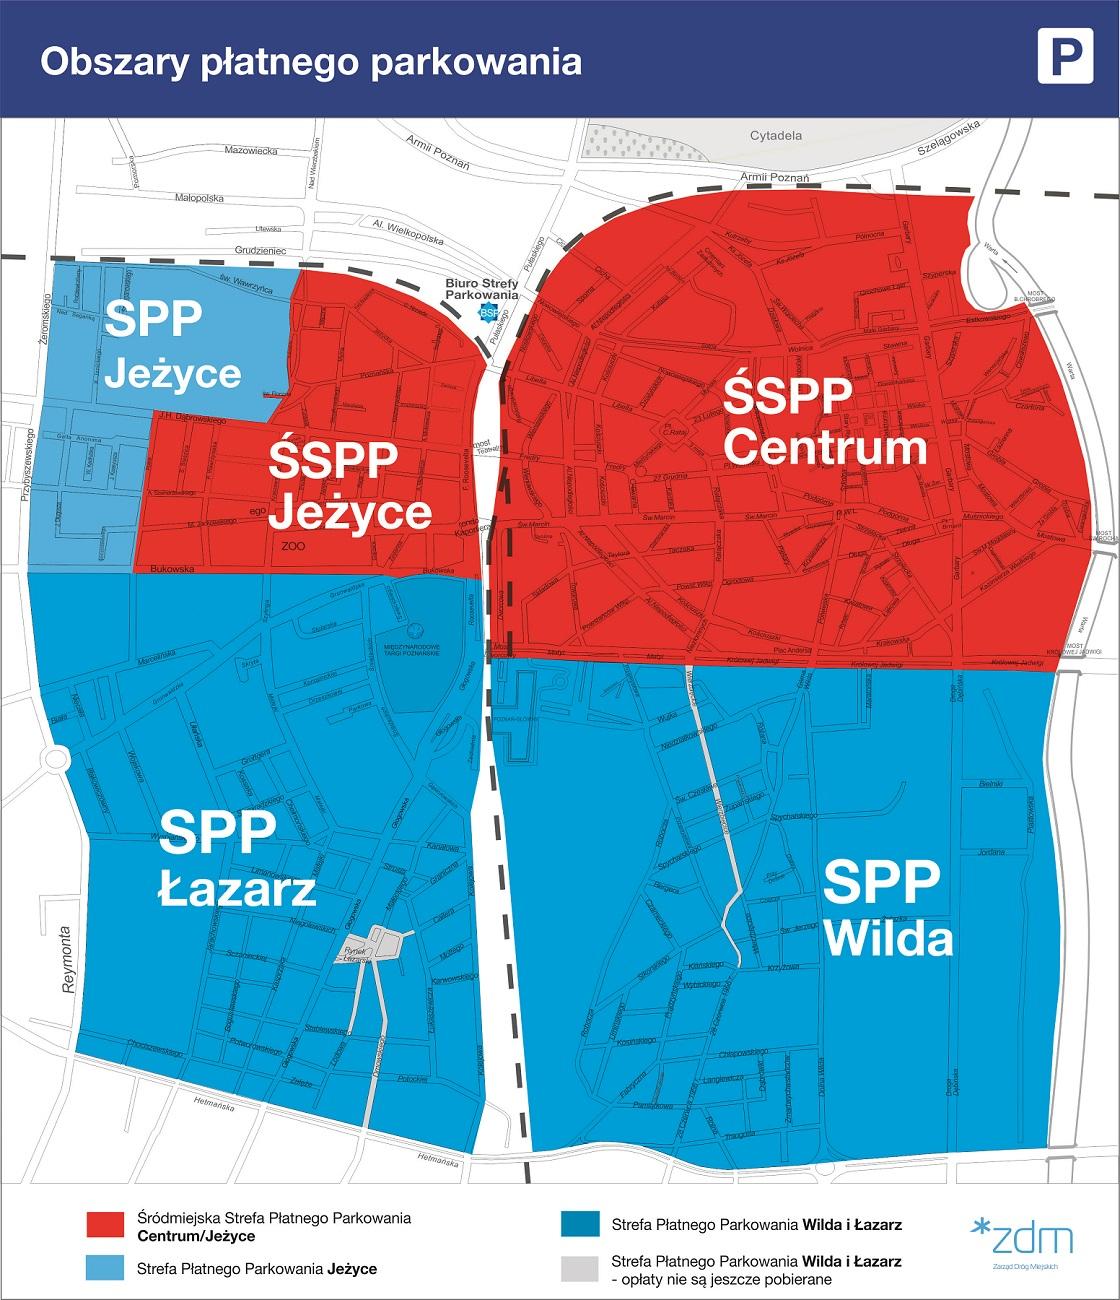 Mapa obszaru płatnego parkowania w Poznaniu